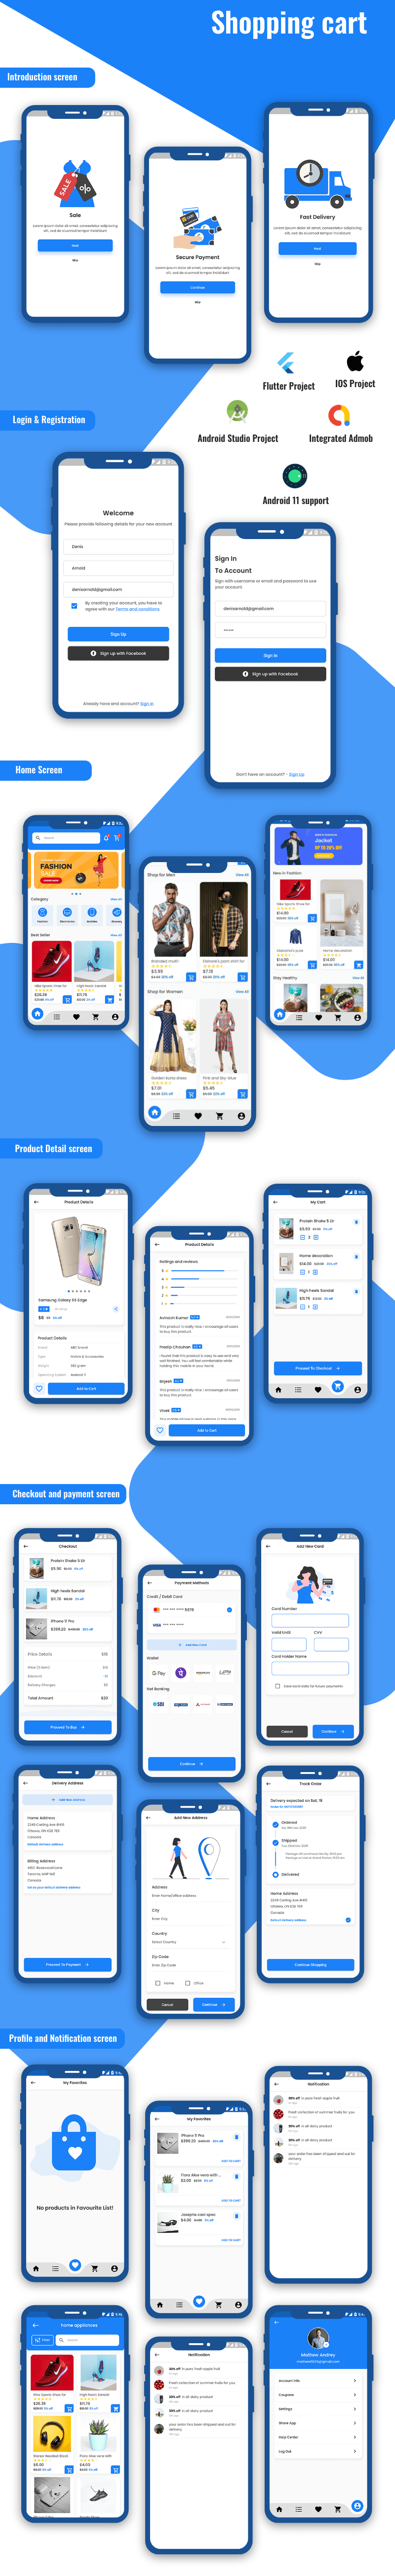 Flutter Shopping Cart UI KIT - 1